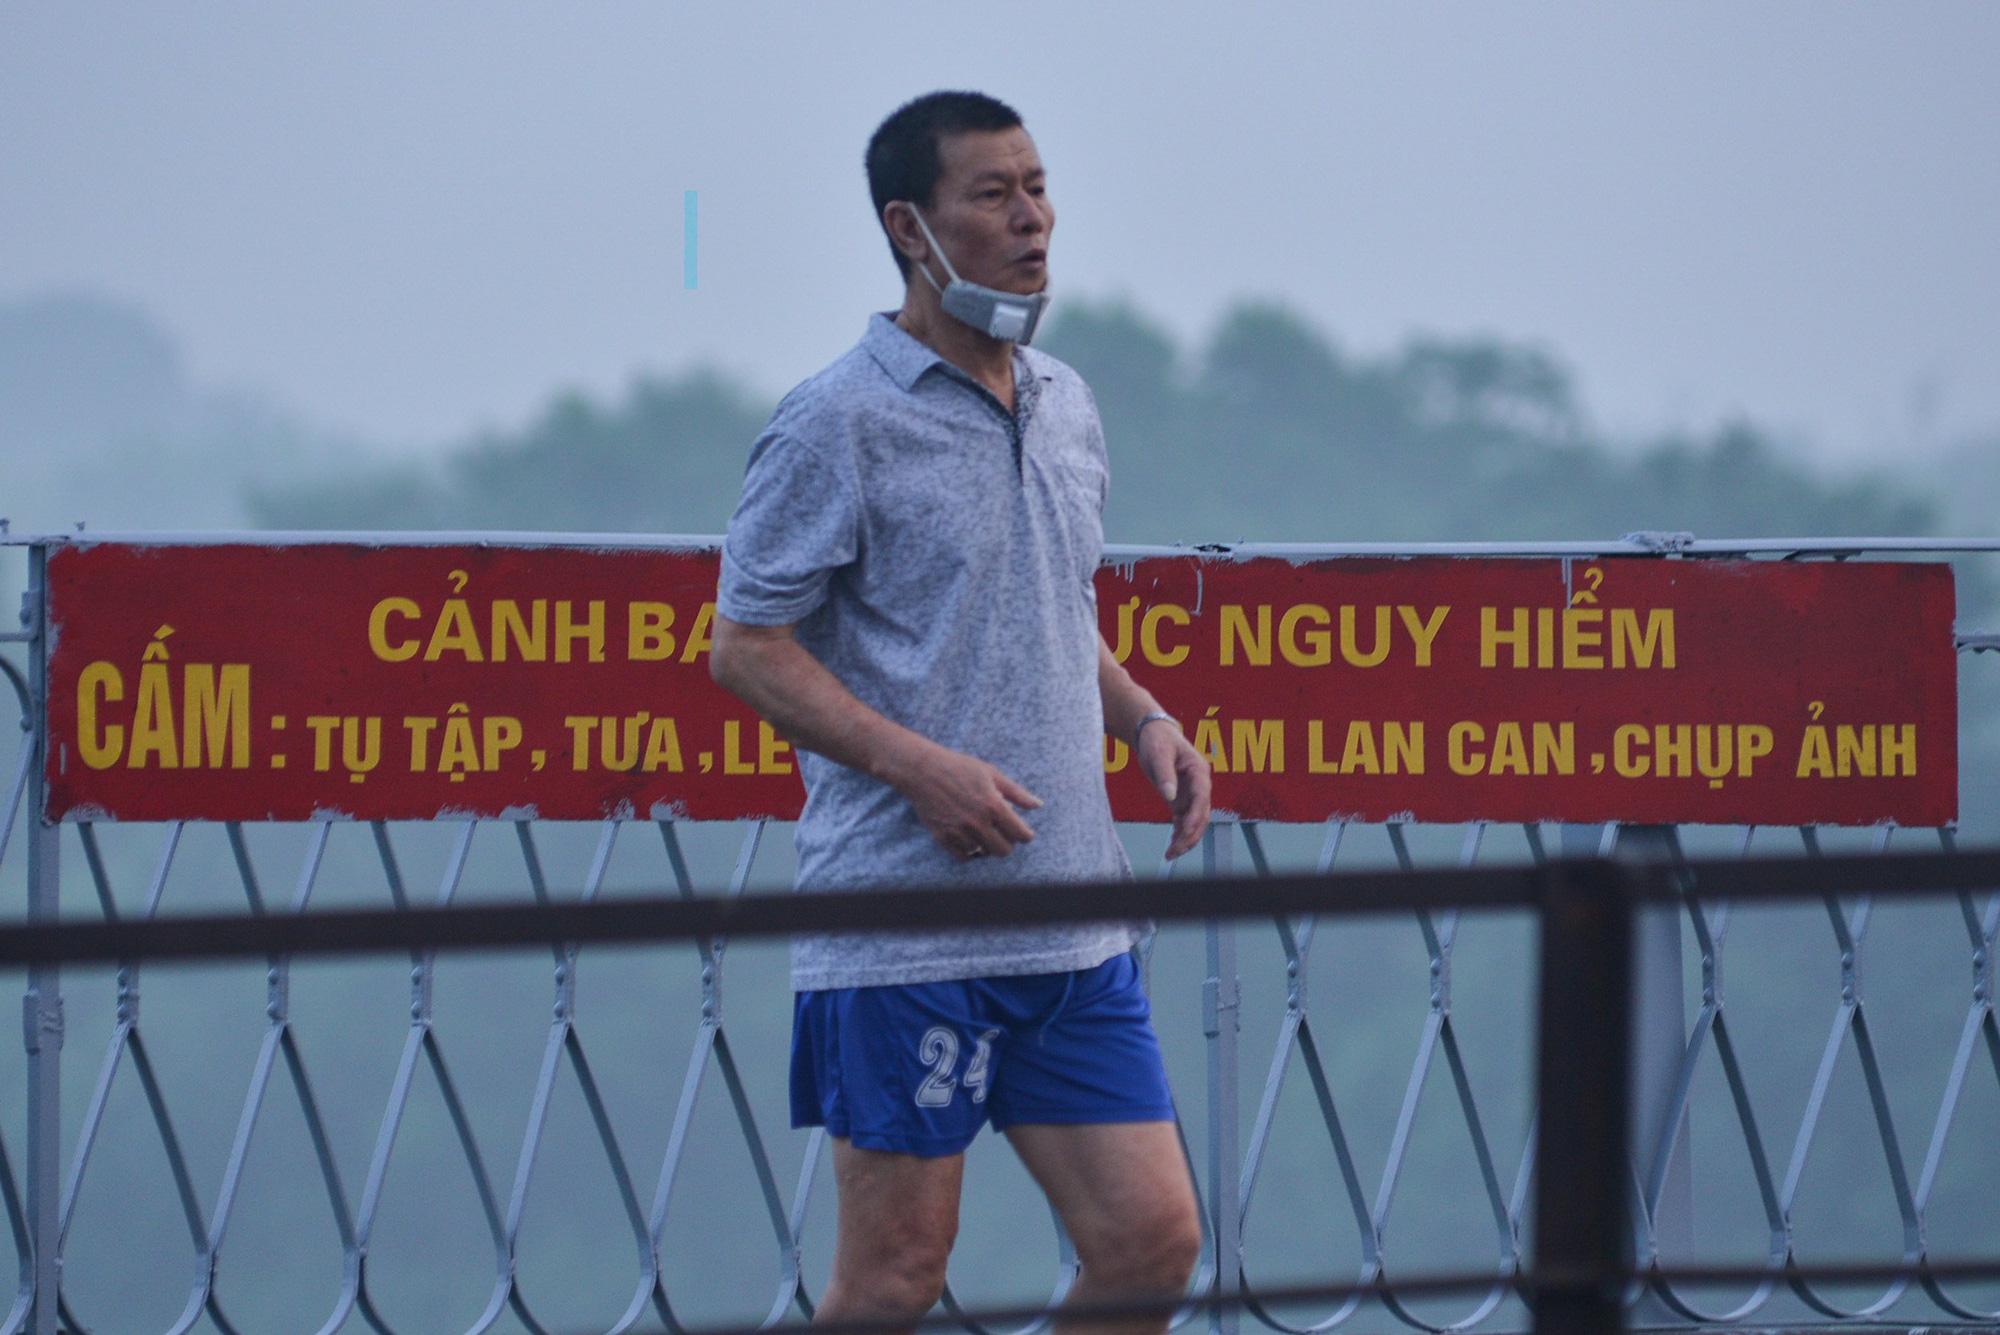 Bình minh trên những cây cầu sau khi Hà Nội nới lỏng giãn cách xã hội - Ảnh 12.